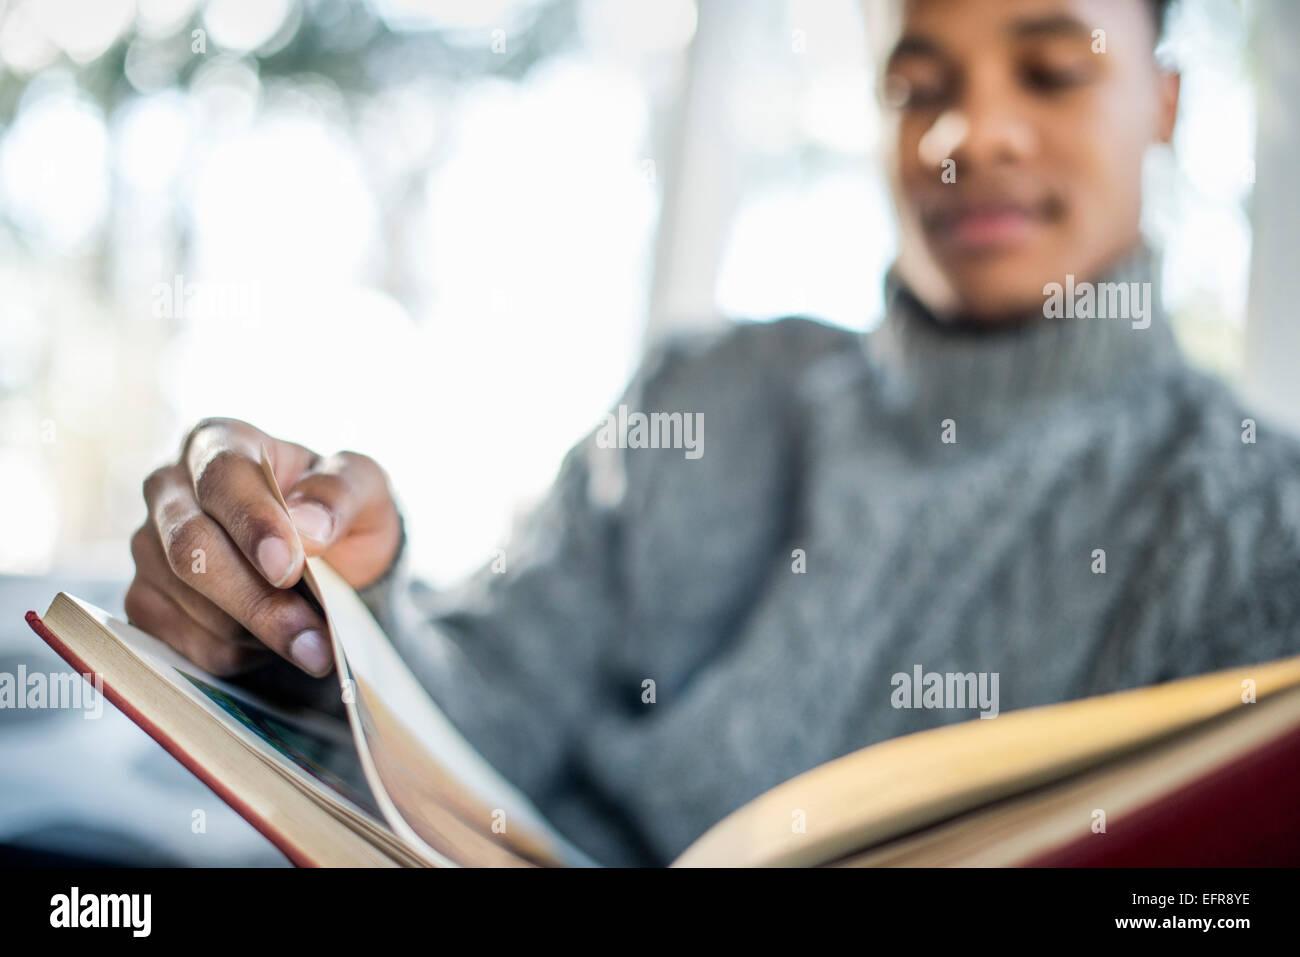 Hombre que llevaba un rollo de puente de cuello gris pasando las páginas de un libro. Imagen De Stock